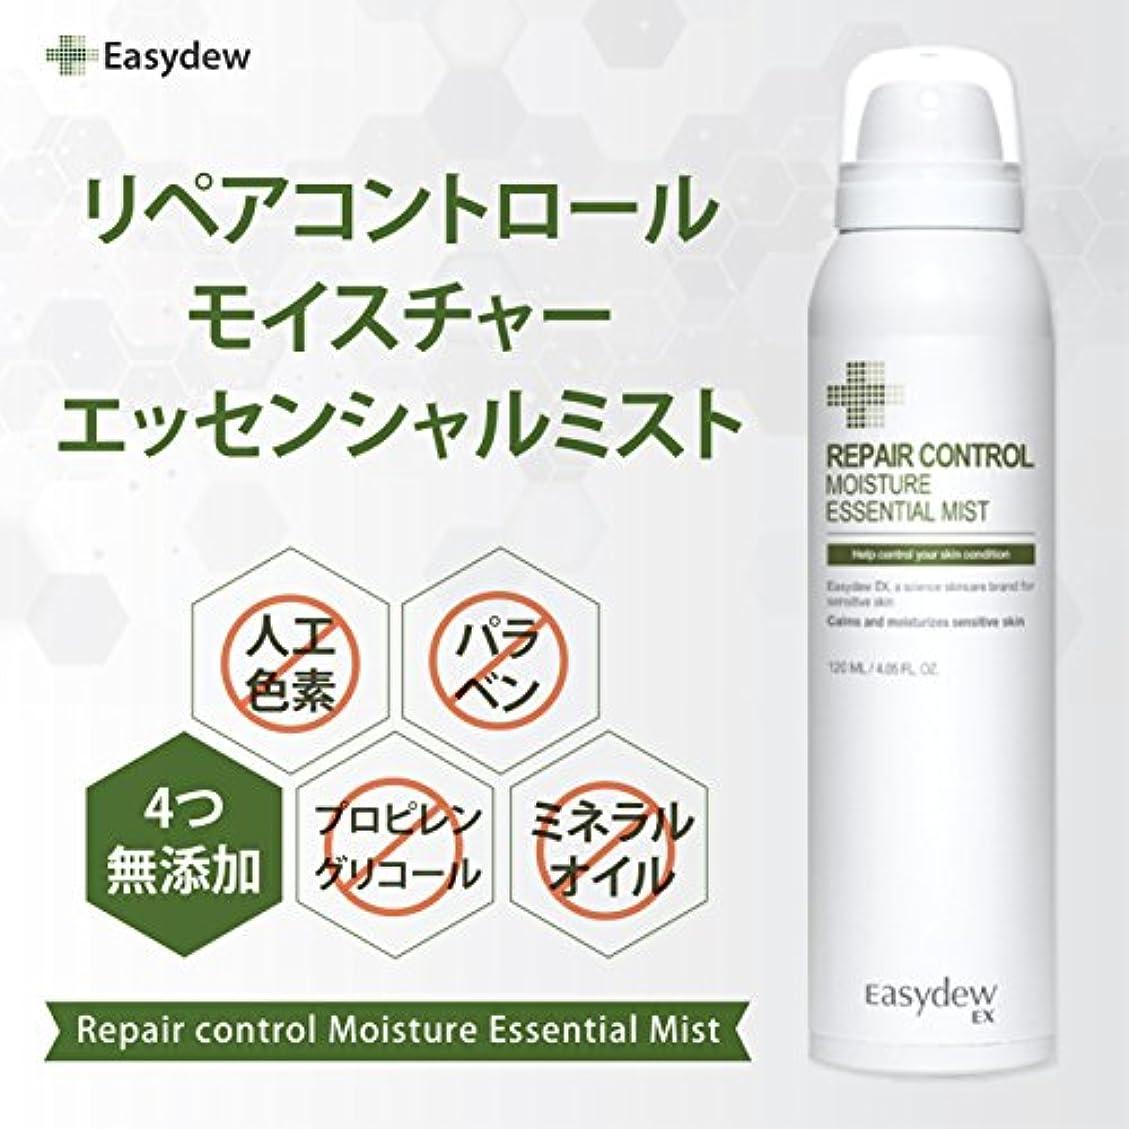 チーフ深さ寄託EASYDEW EX リペア コントロール モイスチャー エッセンシャル ミスト Repair Control Moisture Essential Mist 120ml